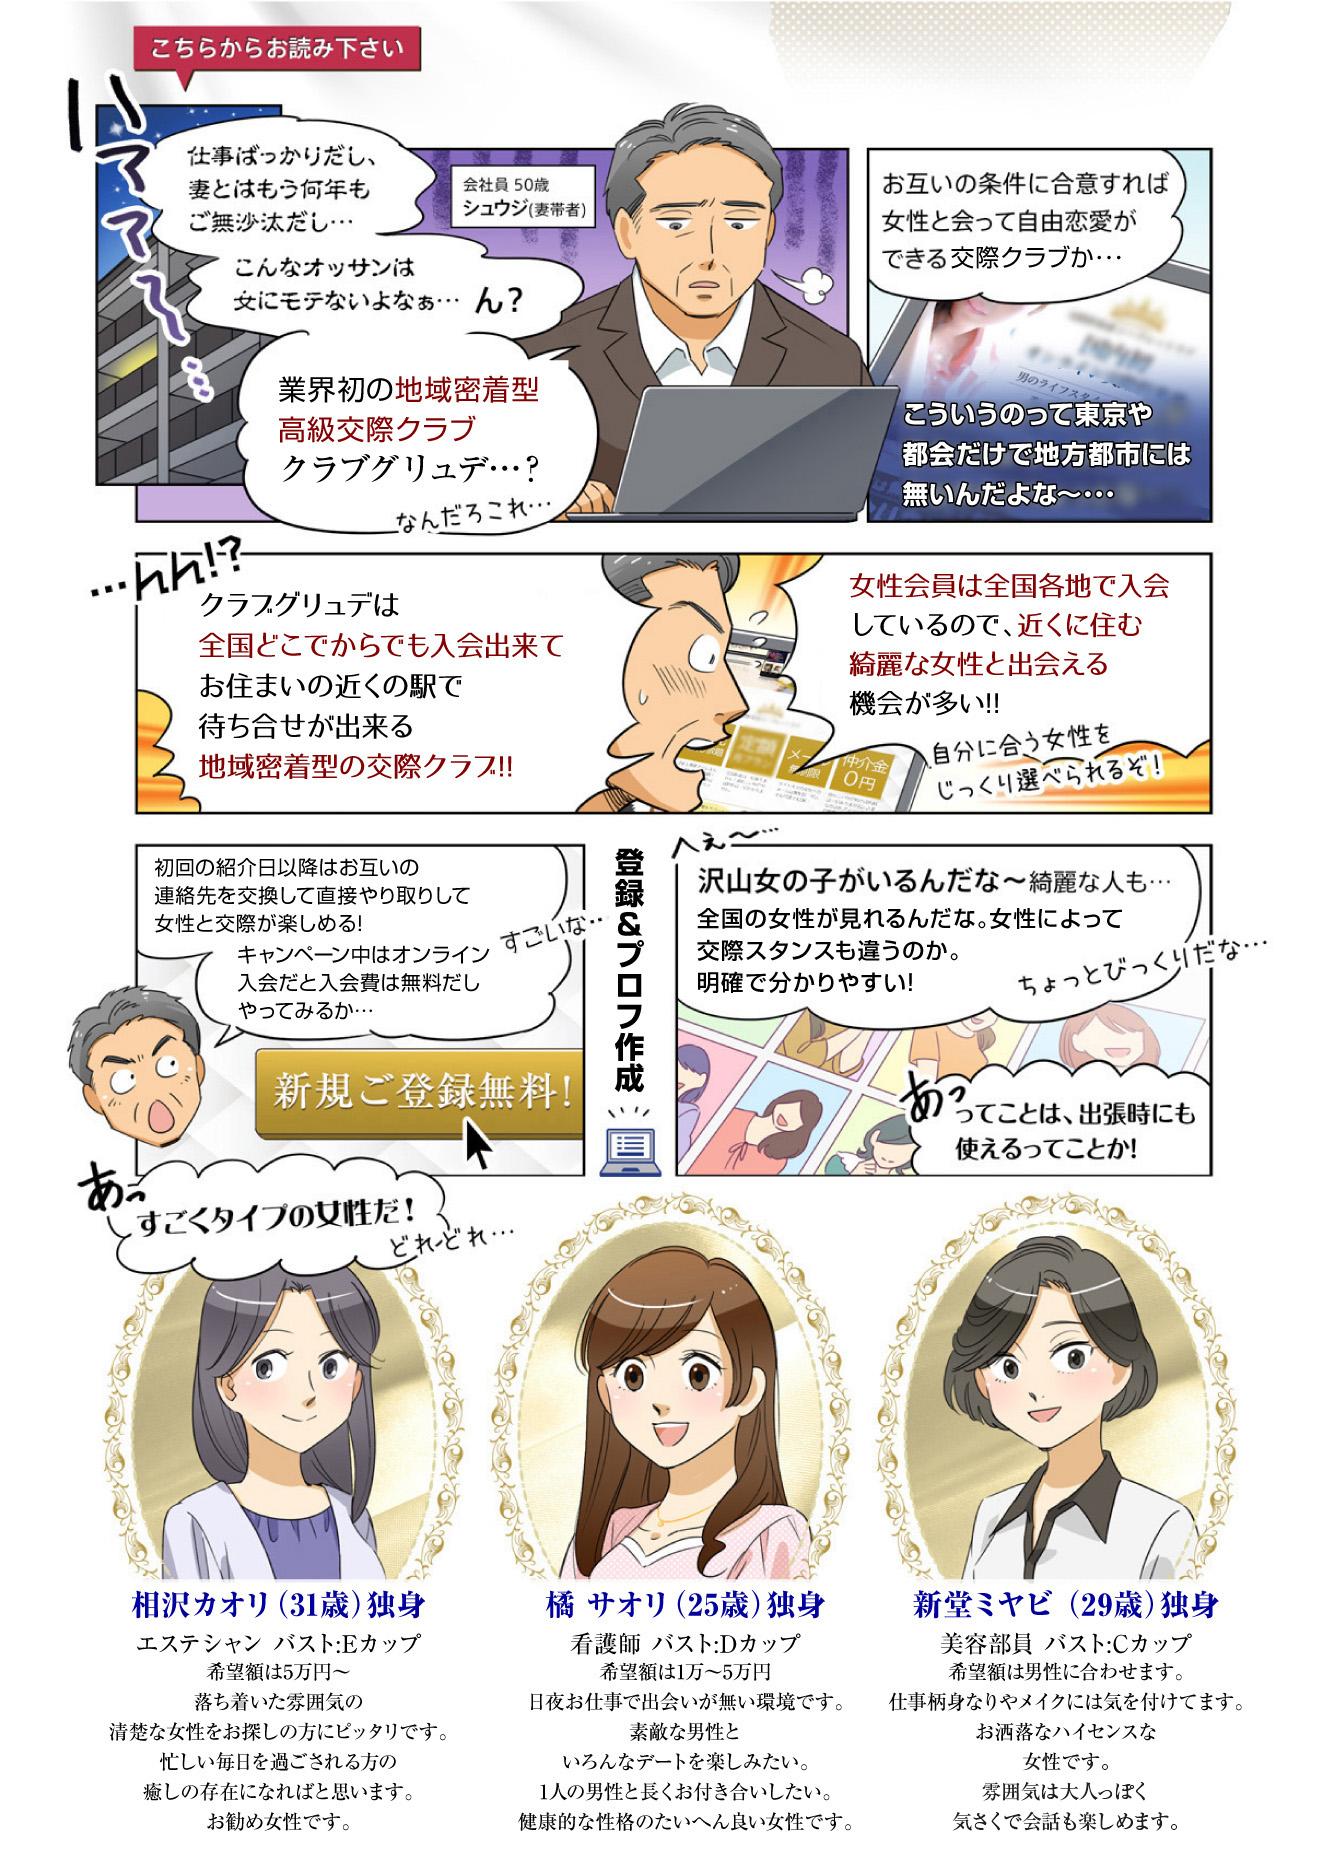 man-manga001